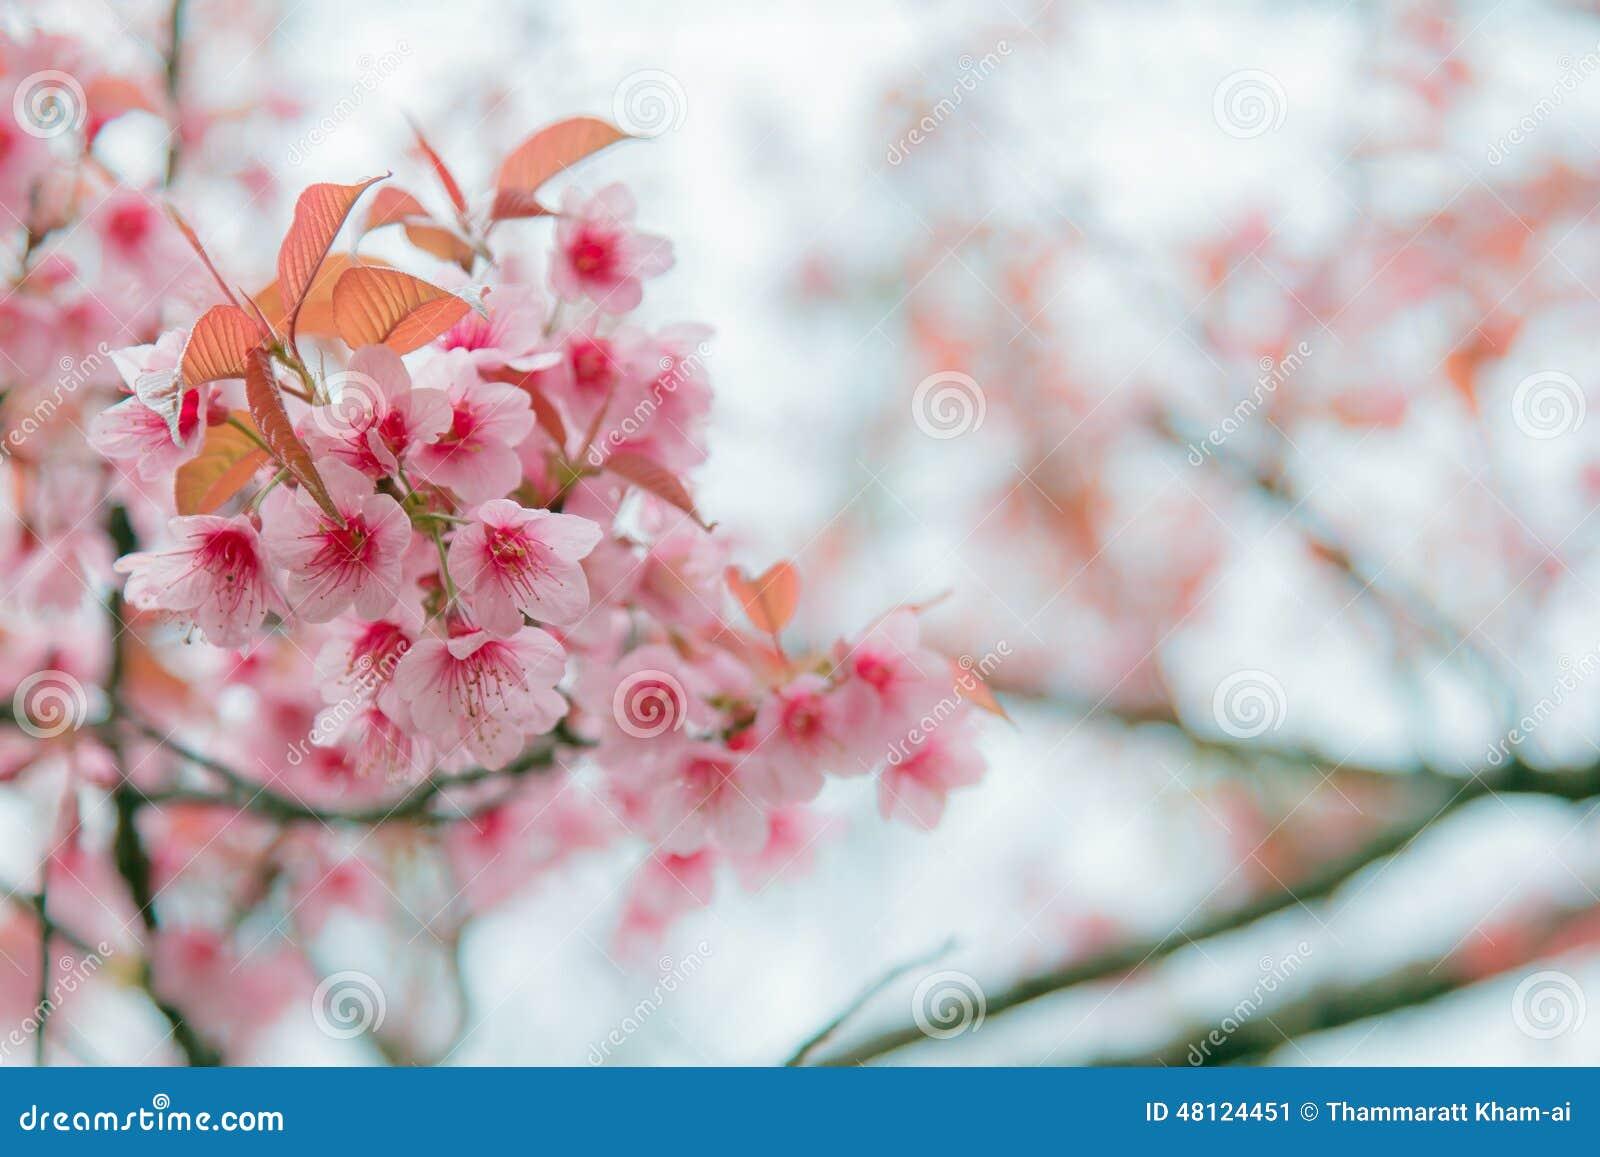 fleurs d 39 hiver image stock image du rose himalayan. Black Bedroom Furniture Sets. Home Design Ideas